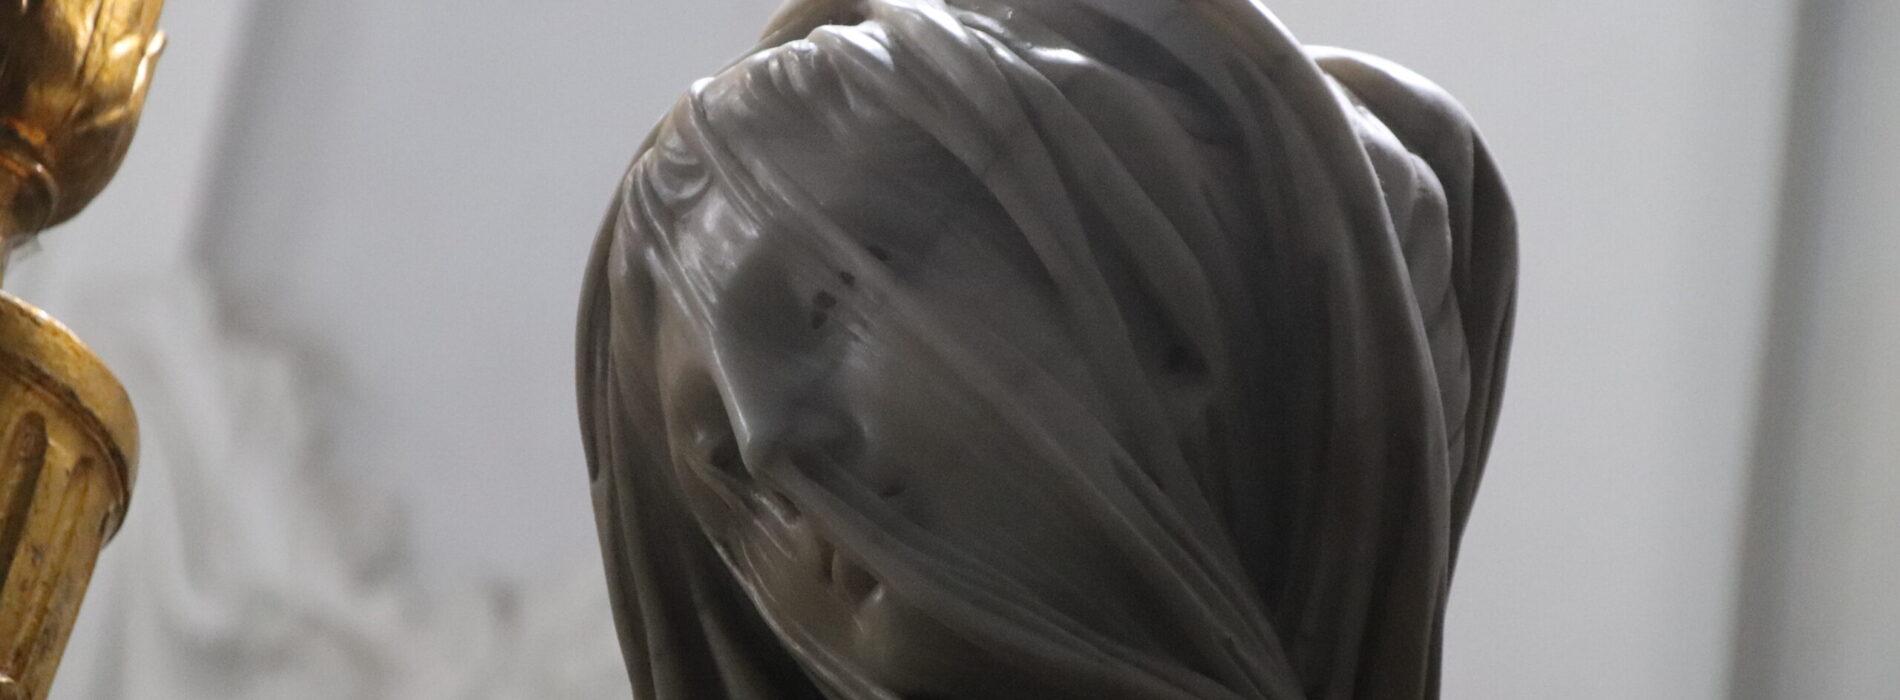 Statue velate, Pignataro Maggiore come la Cappella Sansevero